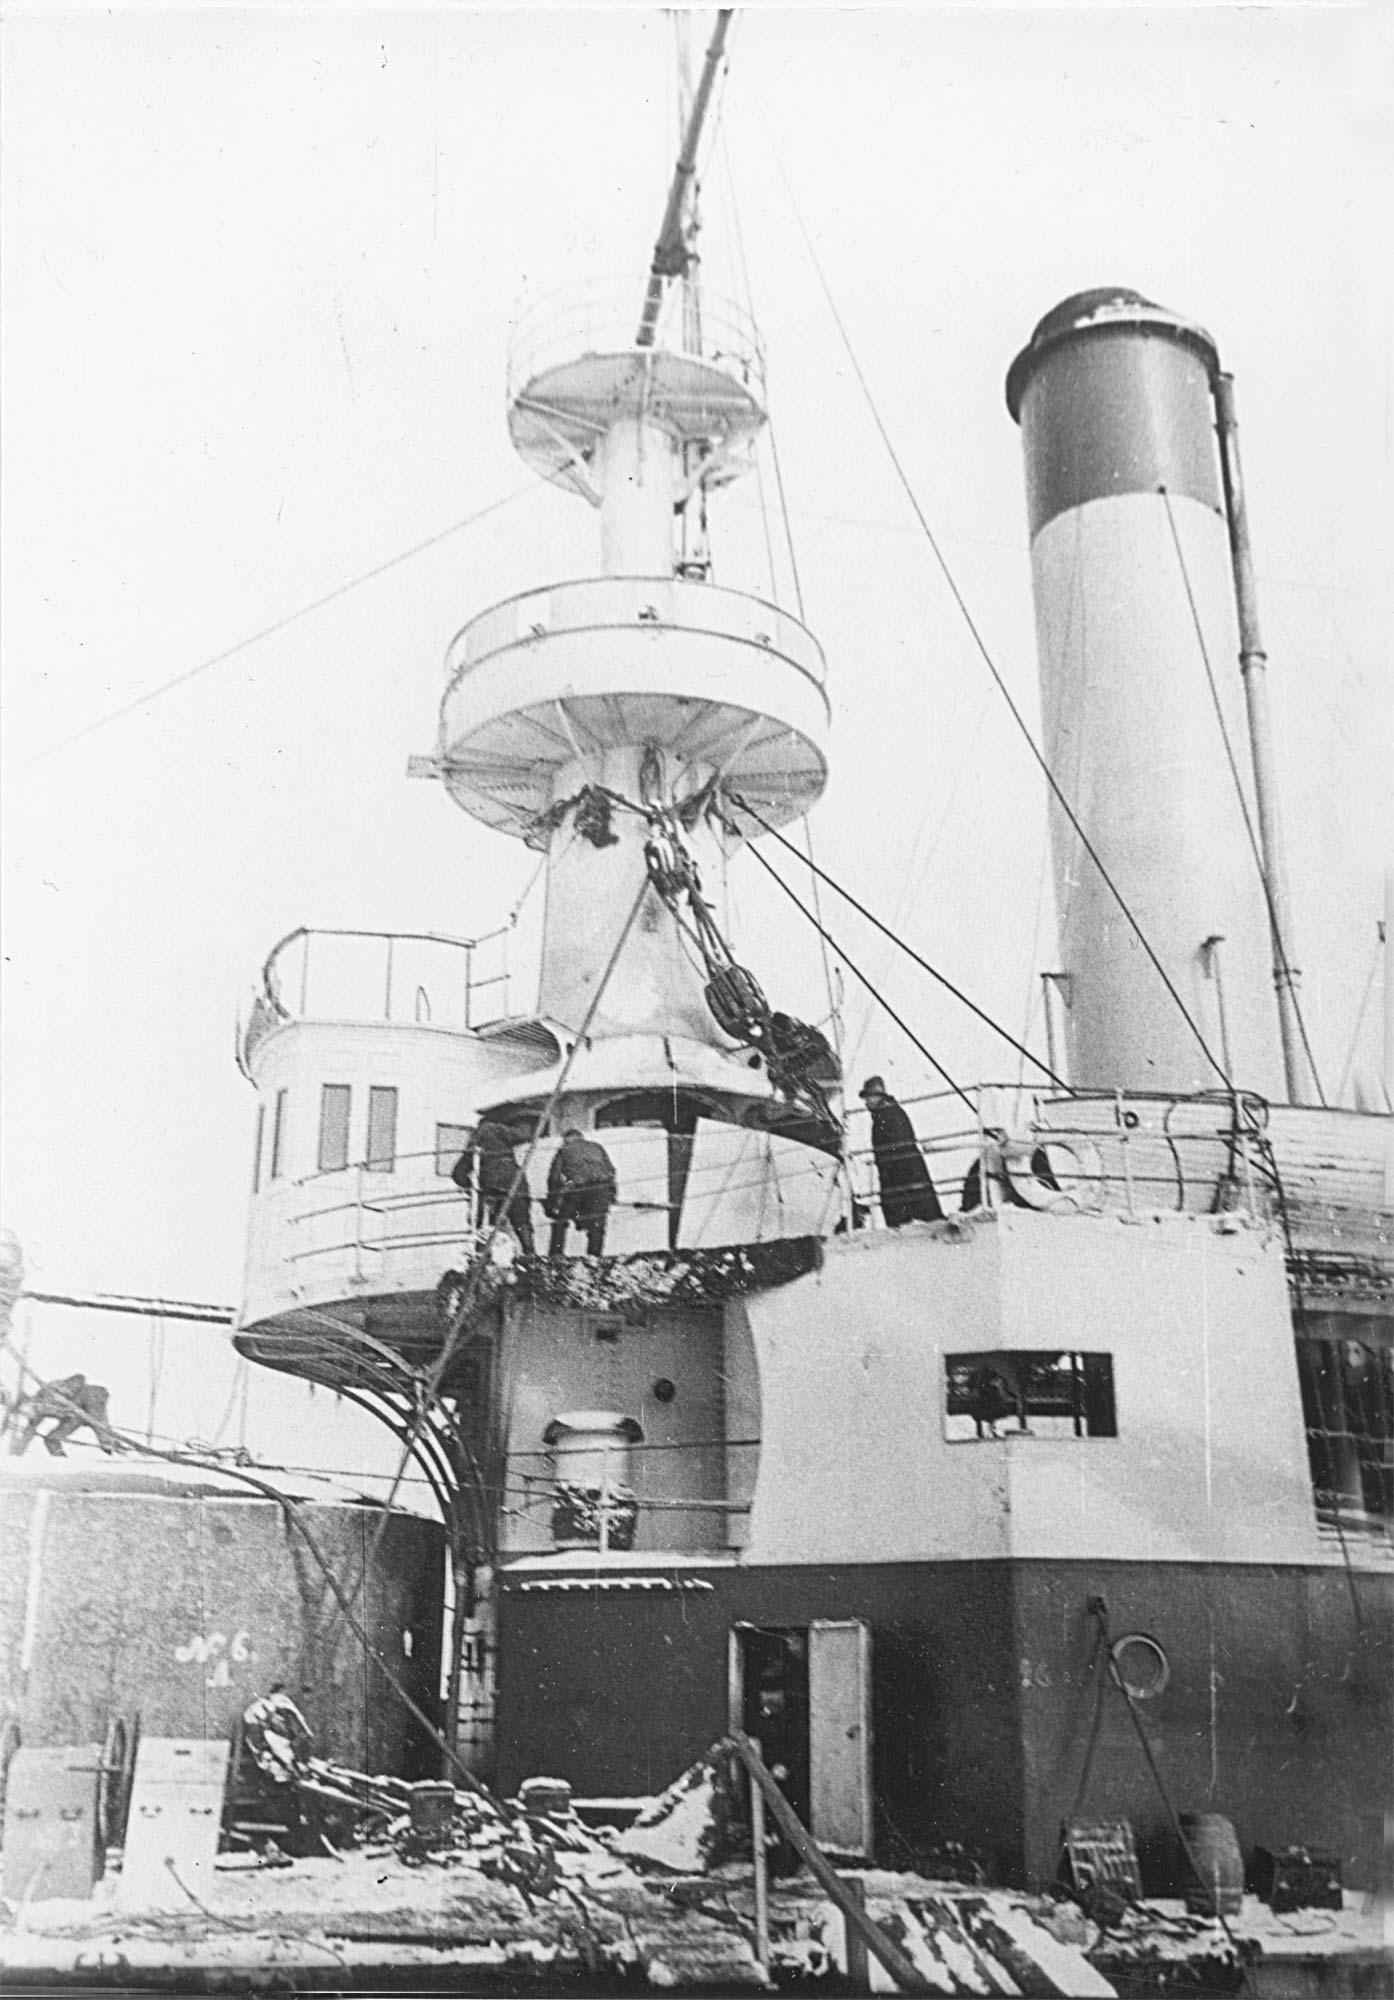 Броненосец береговой обороны «Генерал-адмирал Апраксин»